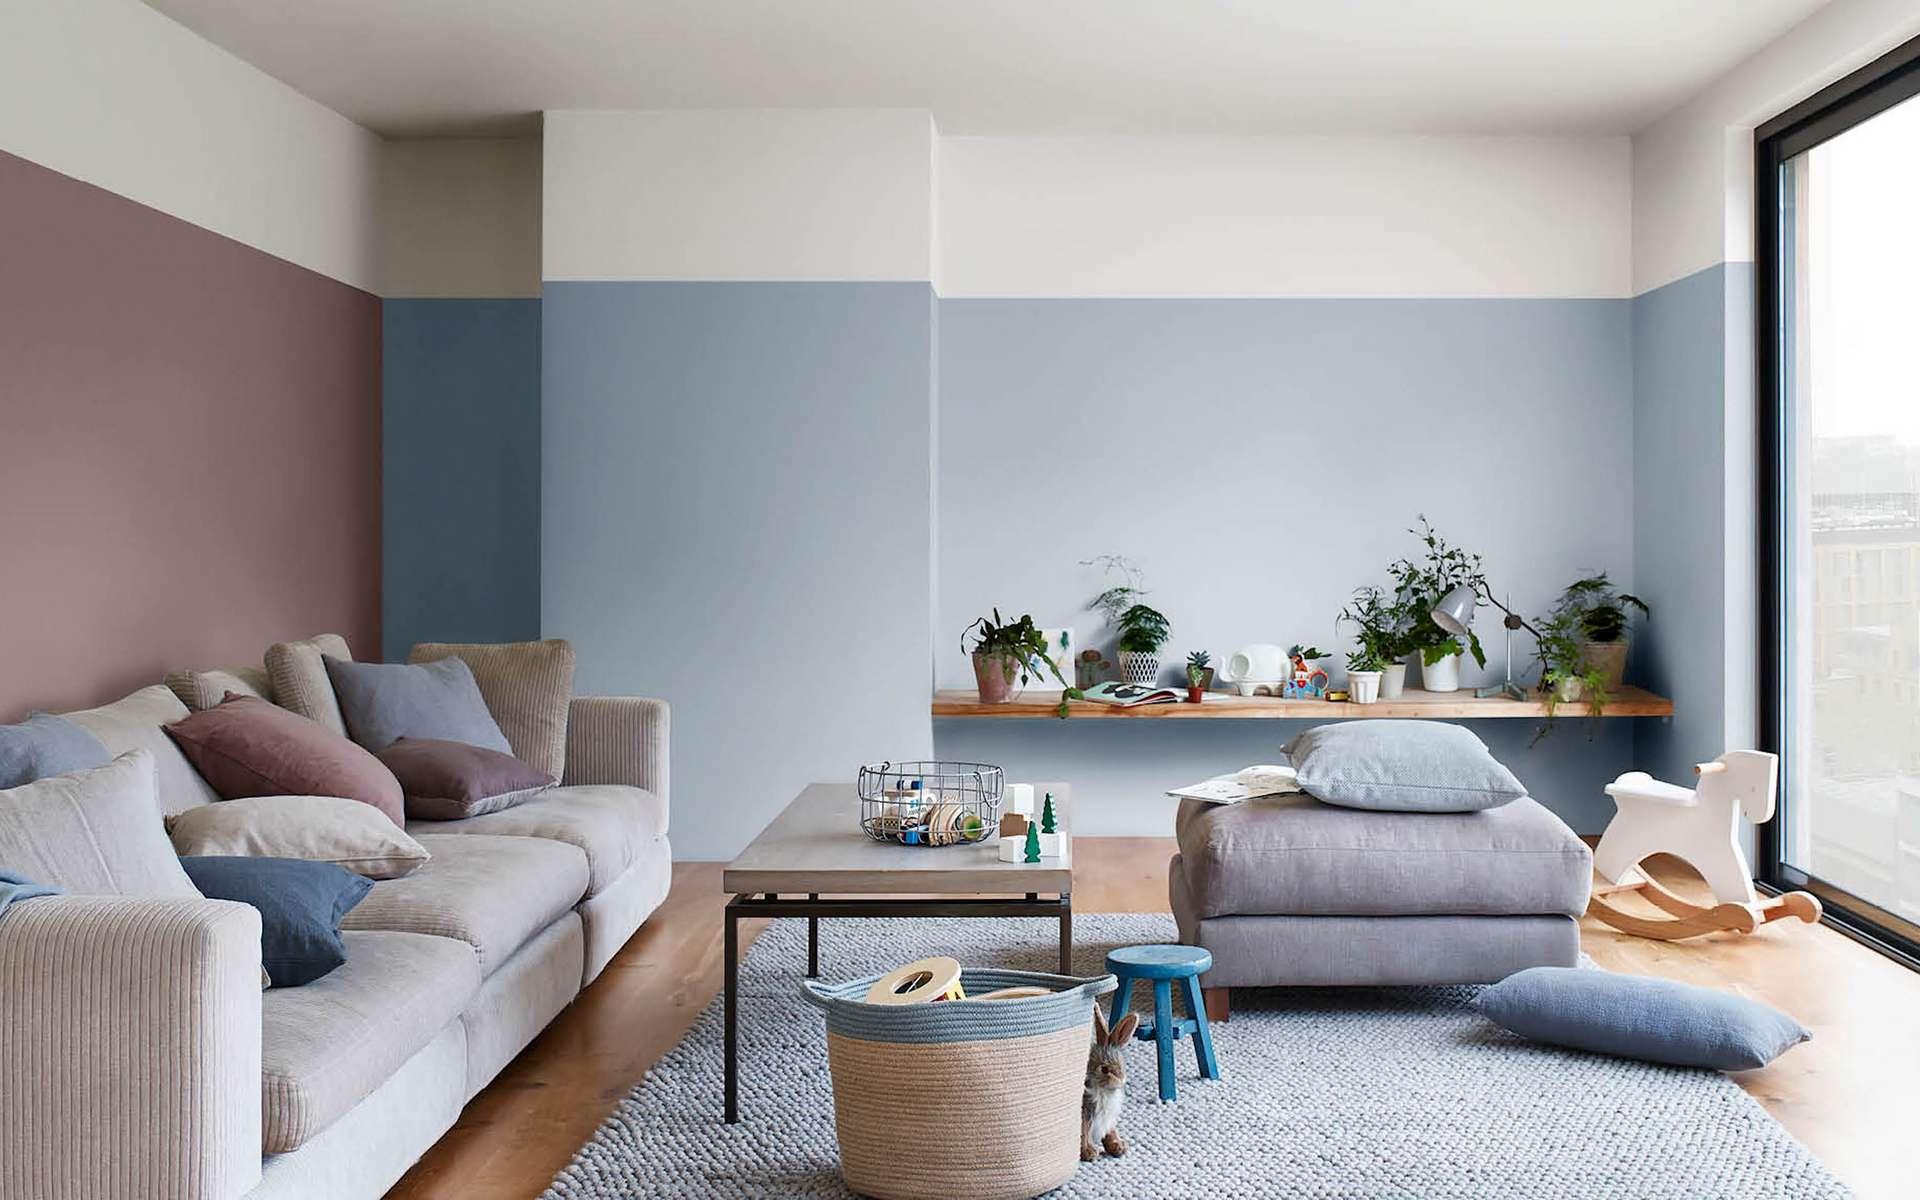 Pour se sentir bien dans son salon, il existe en peinture murale toute une gamme de teintes et de finitions. © Tollens